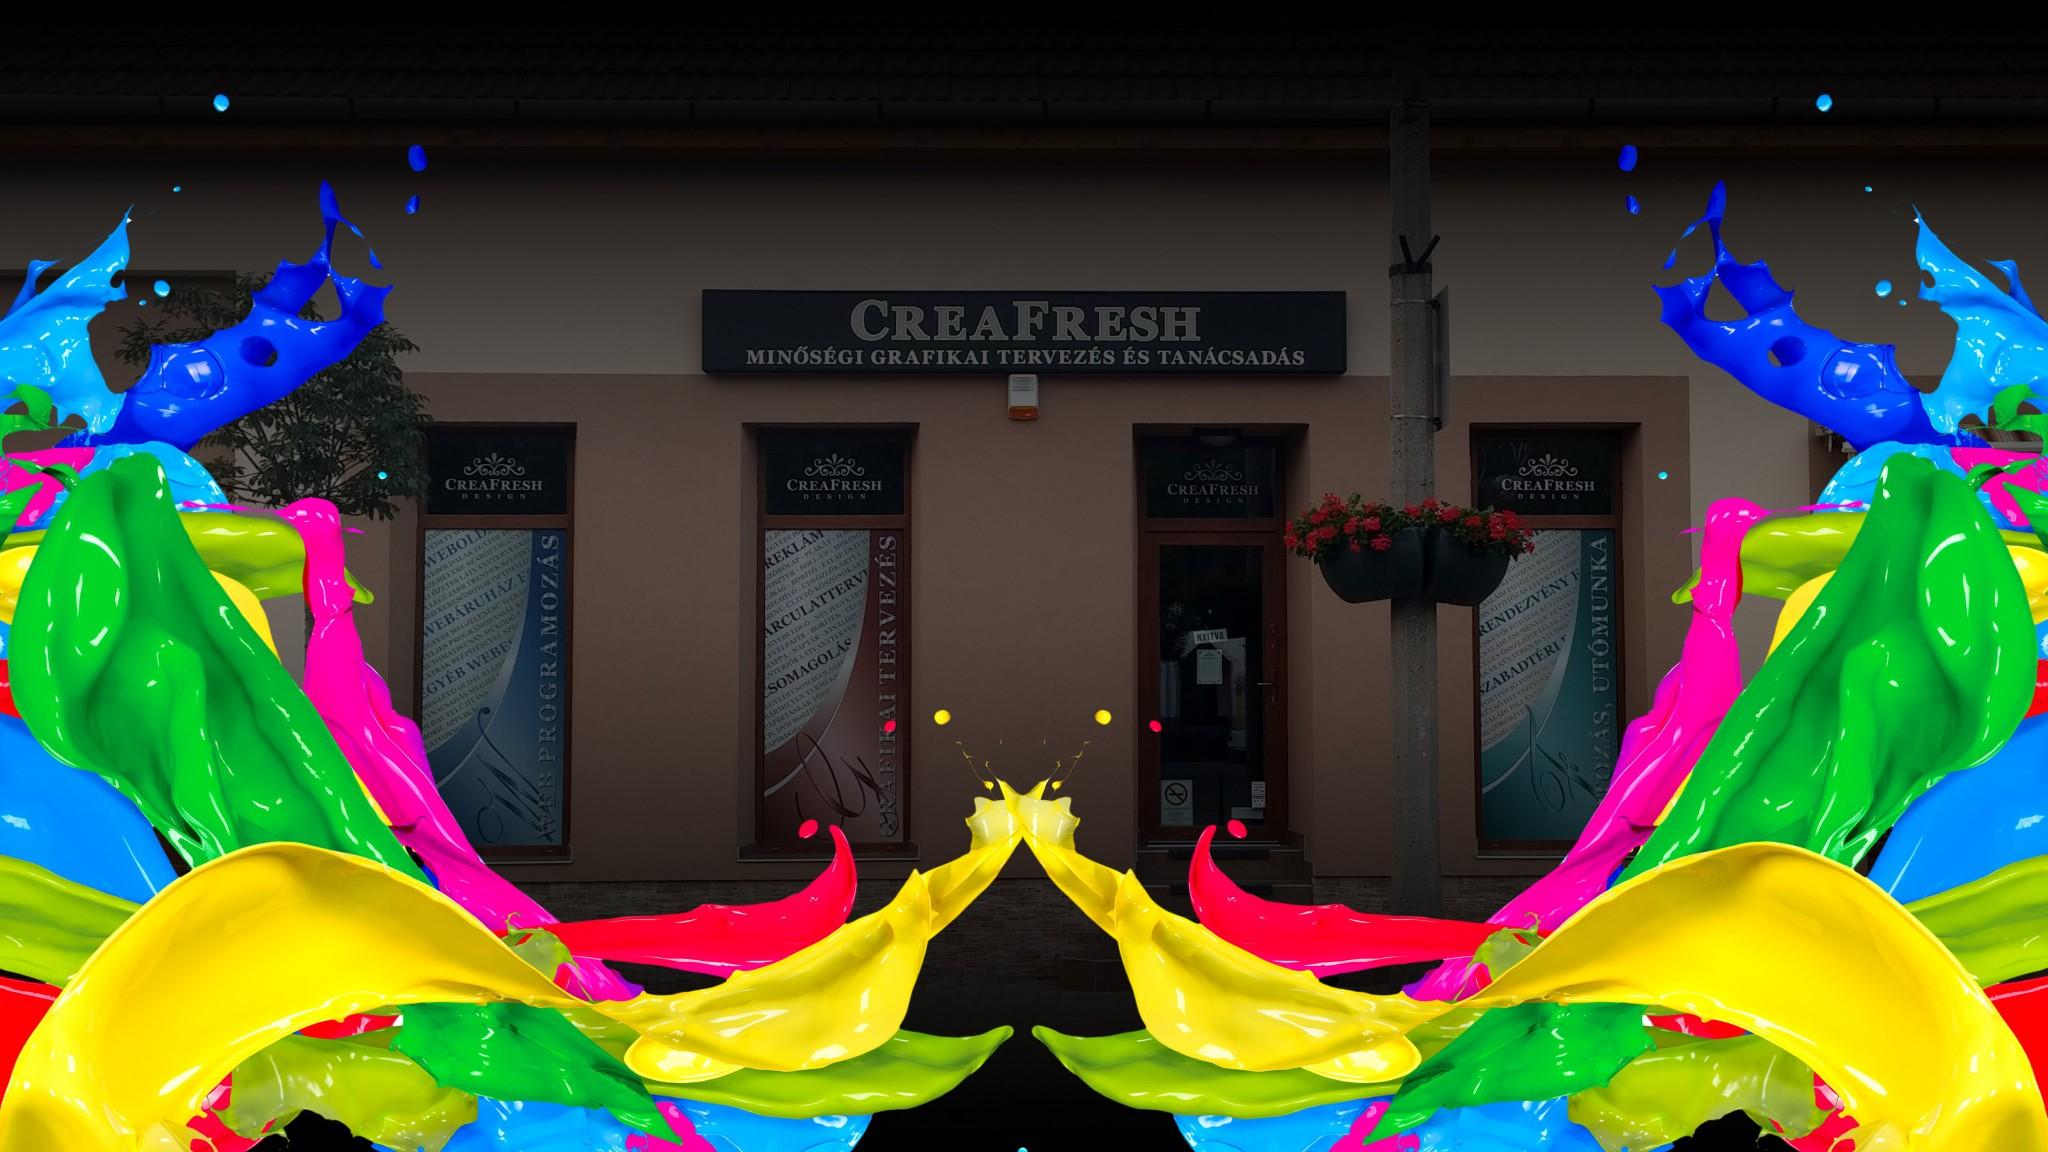 Üdvözöl a CreaFresh Design